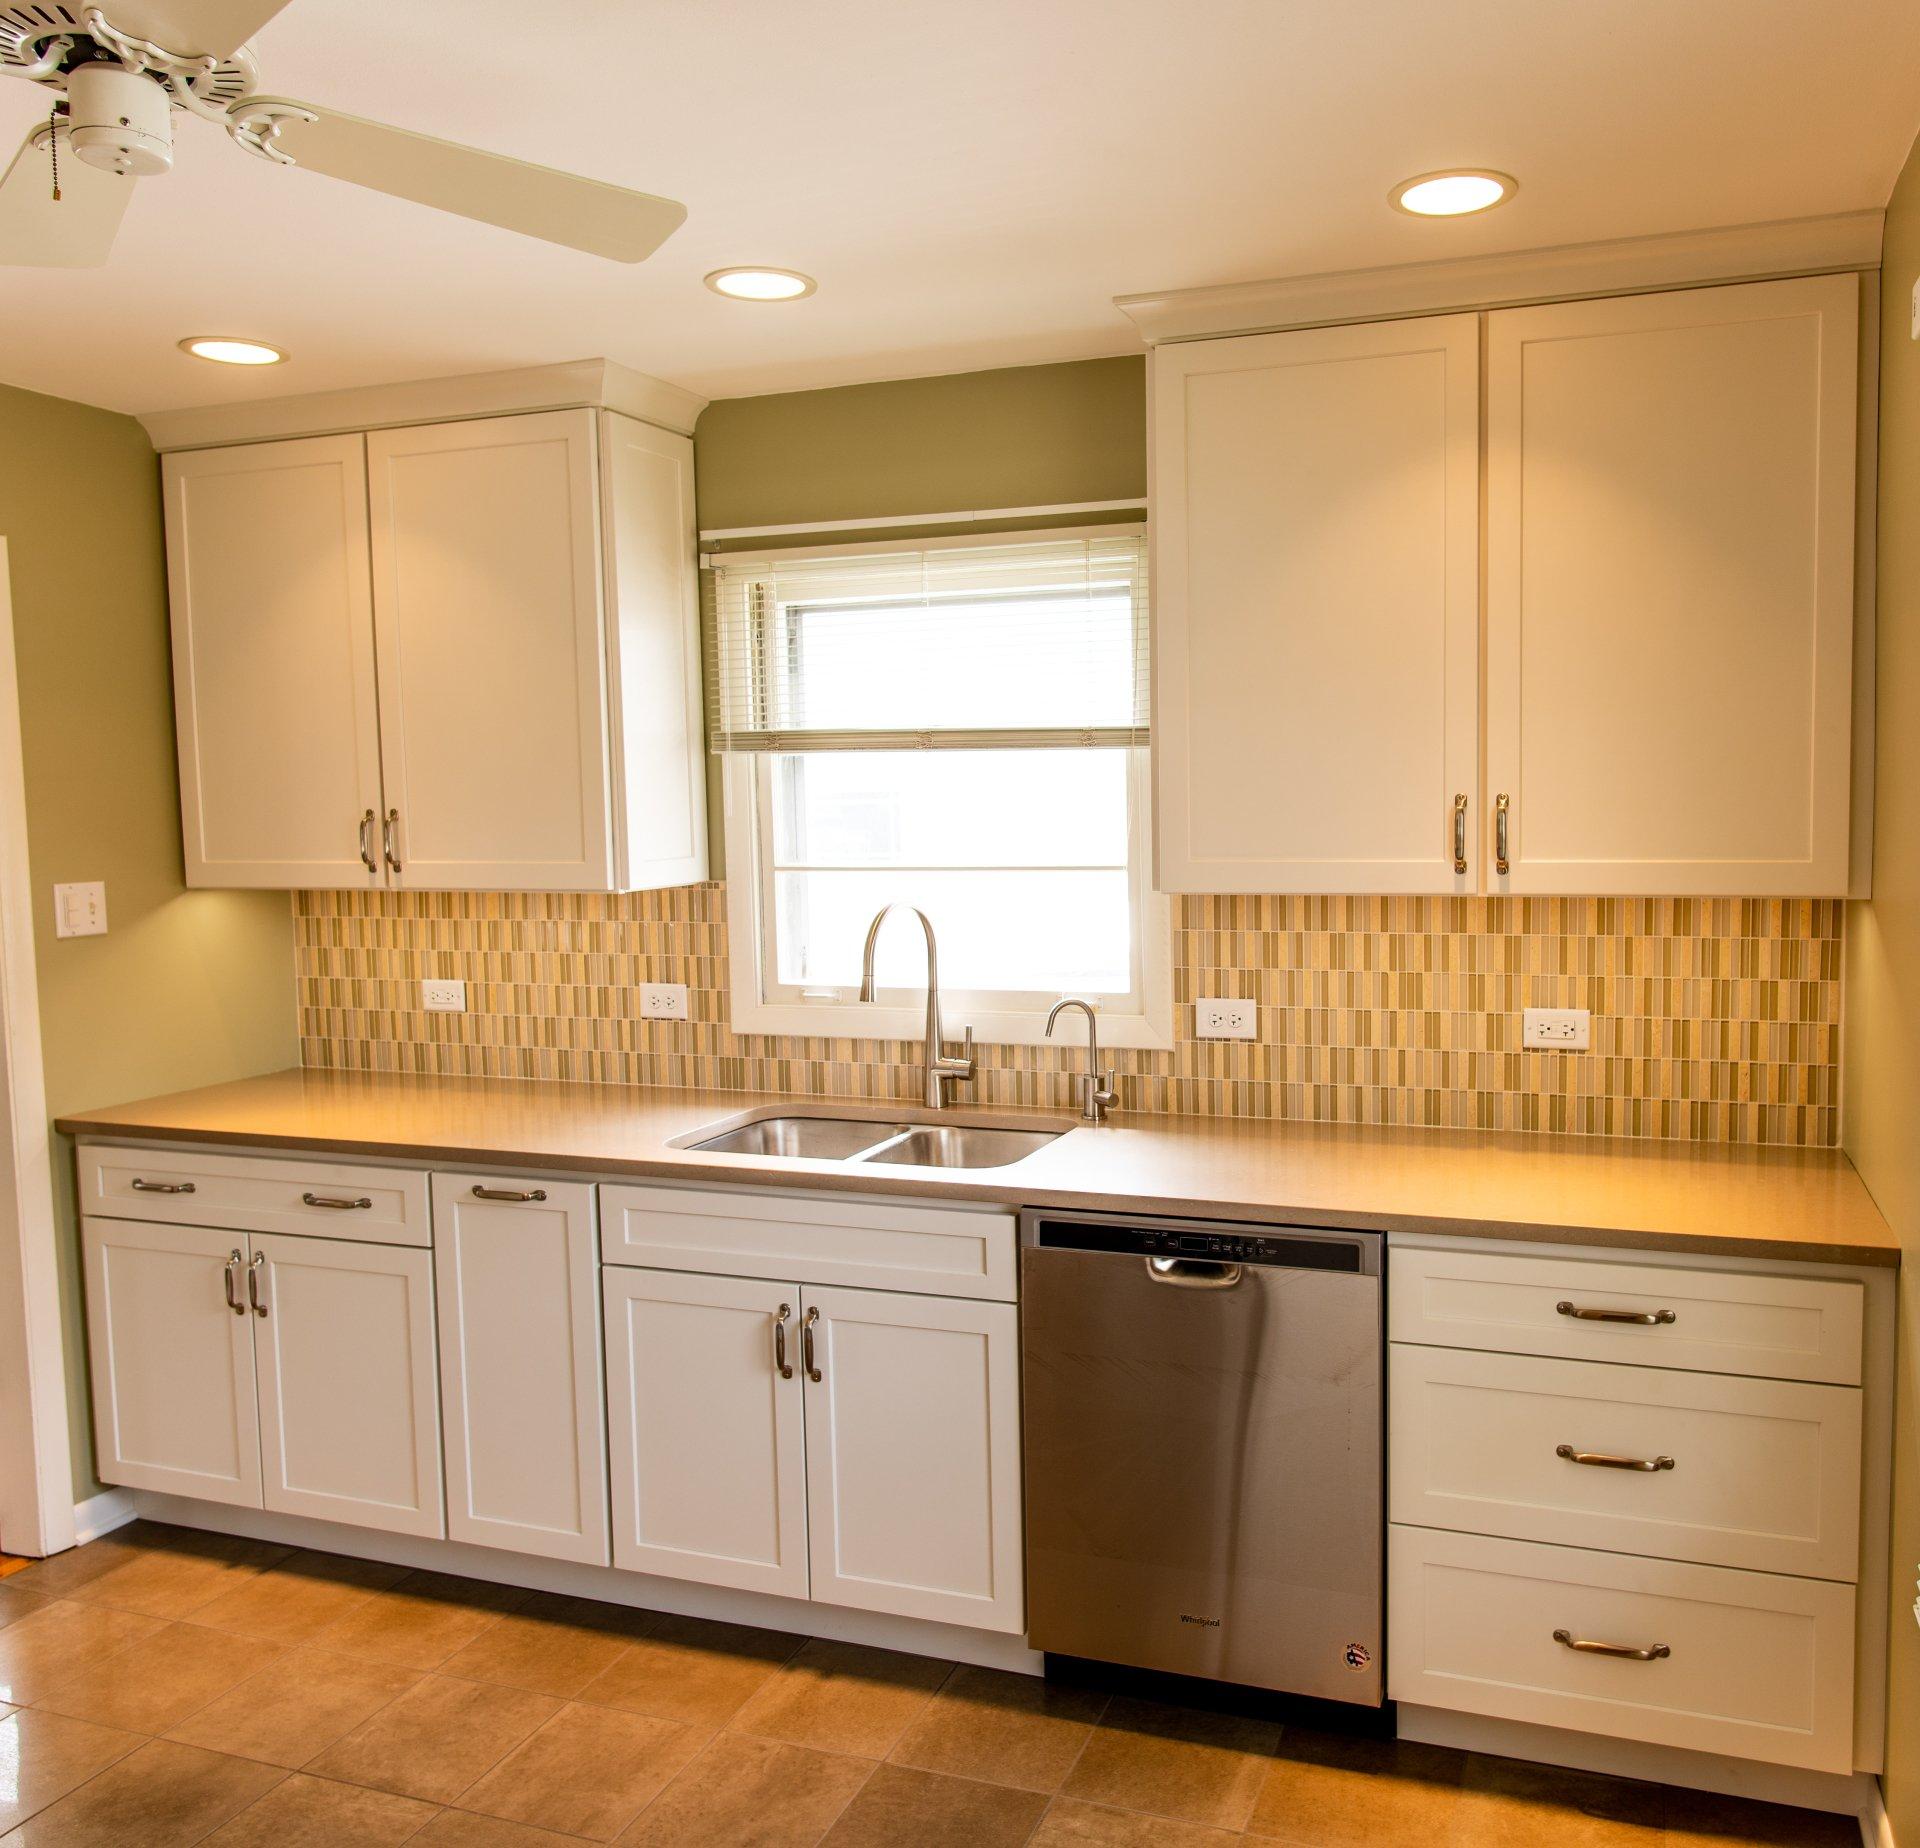 Home Remodel & Design Charles IL | Kitchen & Bath Design Store